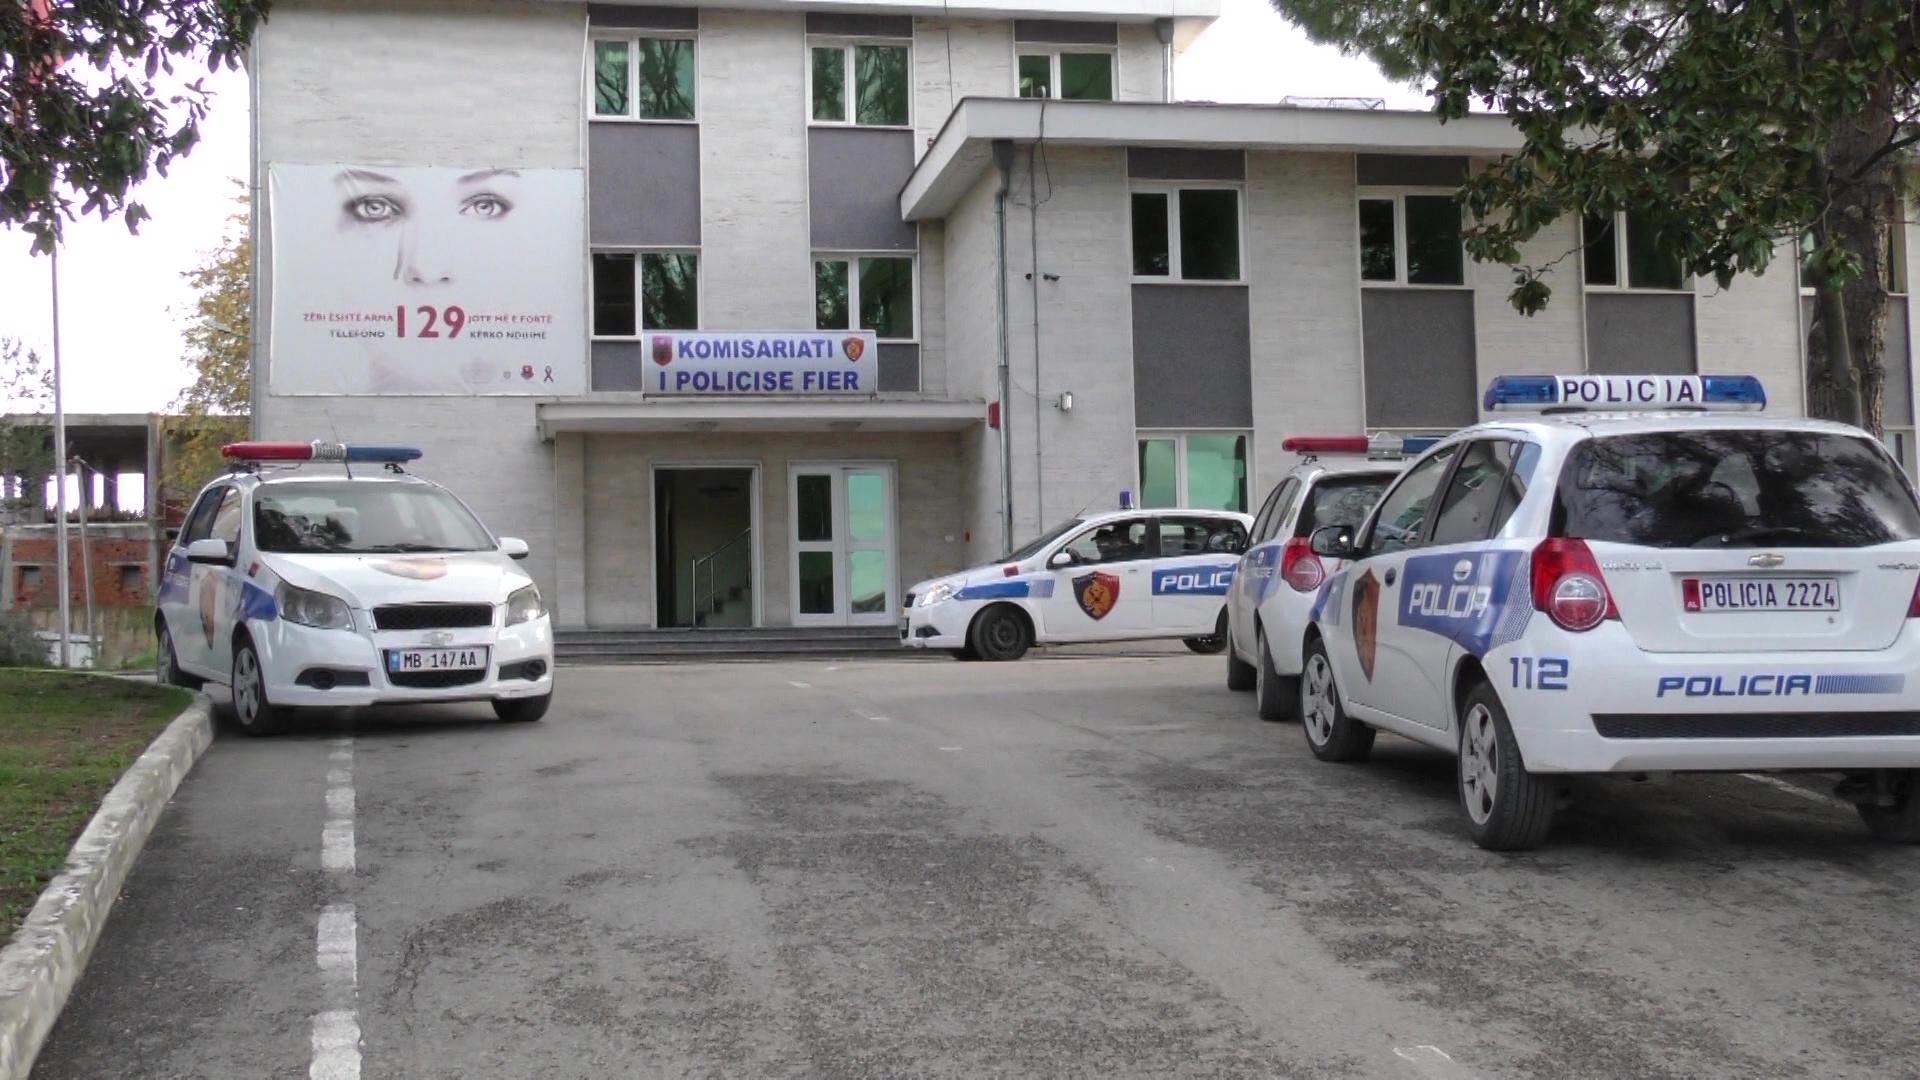 Fier, ndalohen dy inspektorë tatimorë për korrupsion